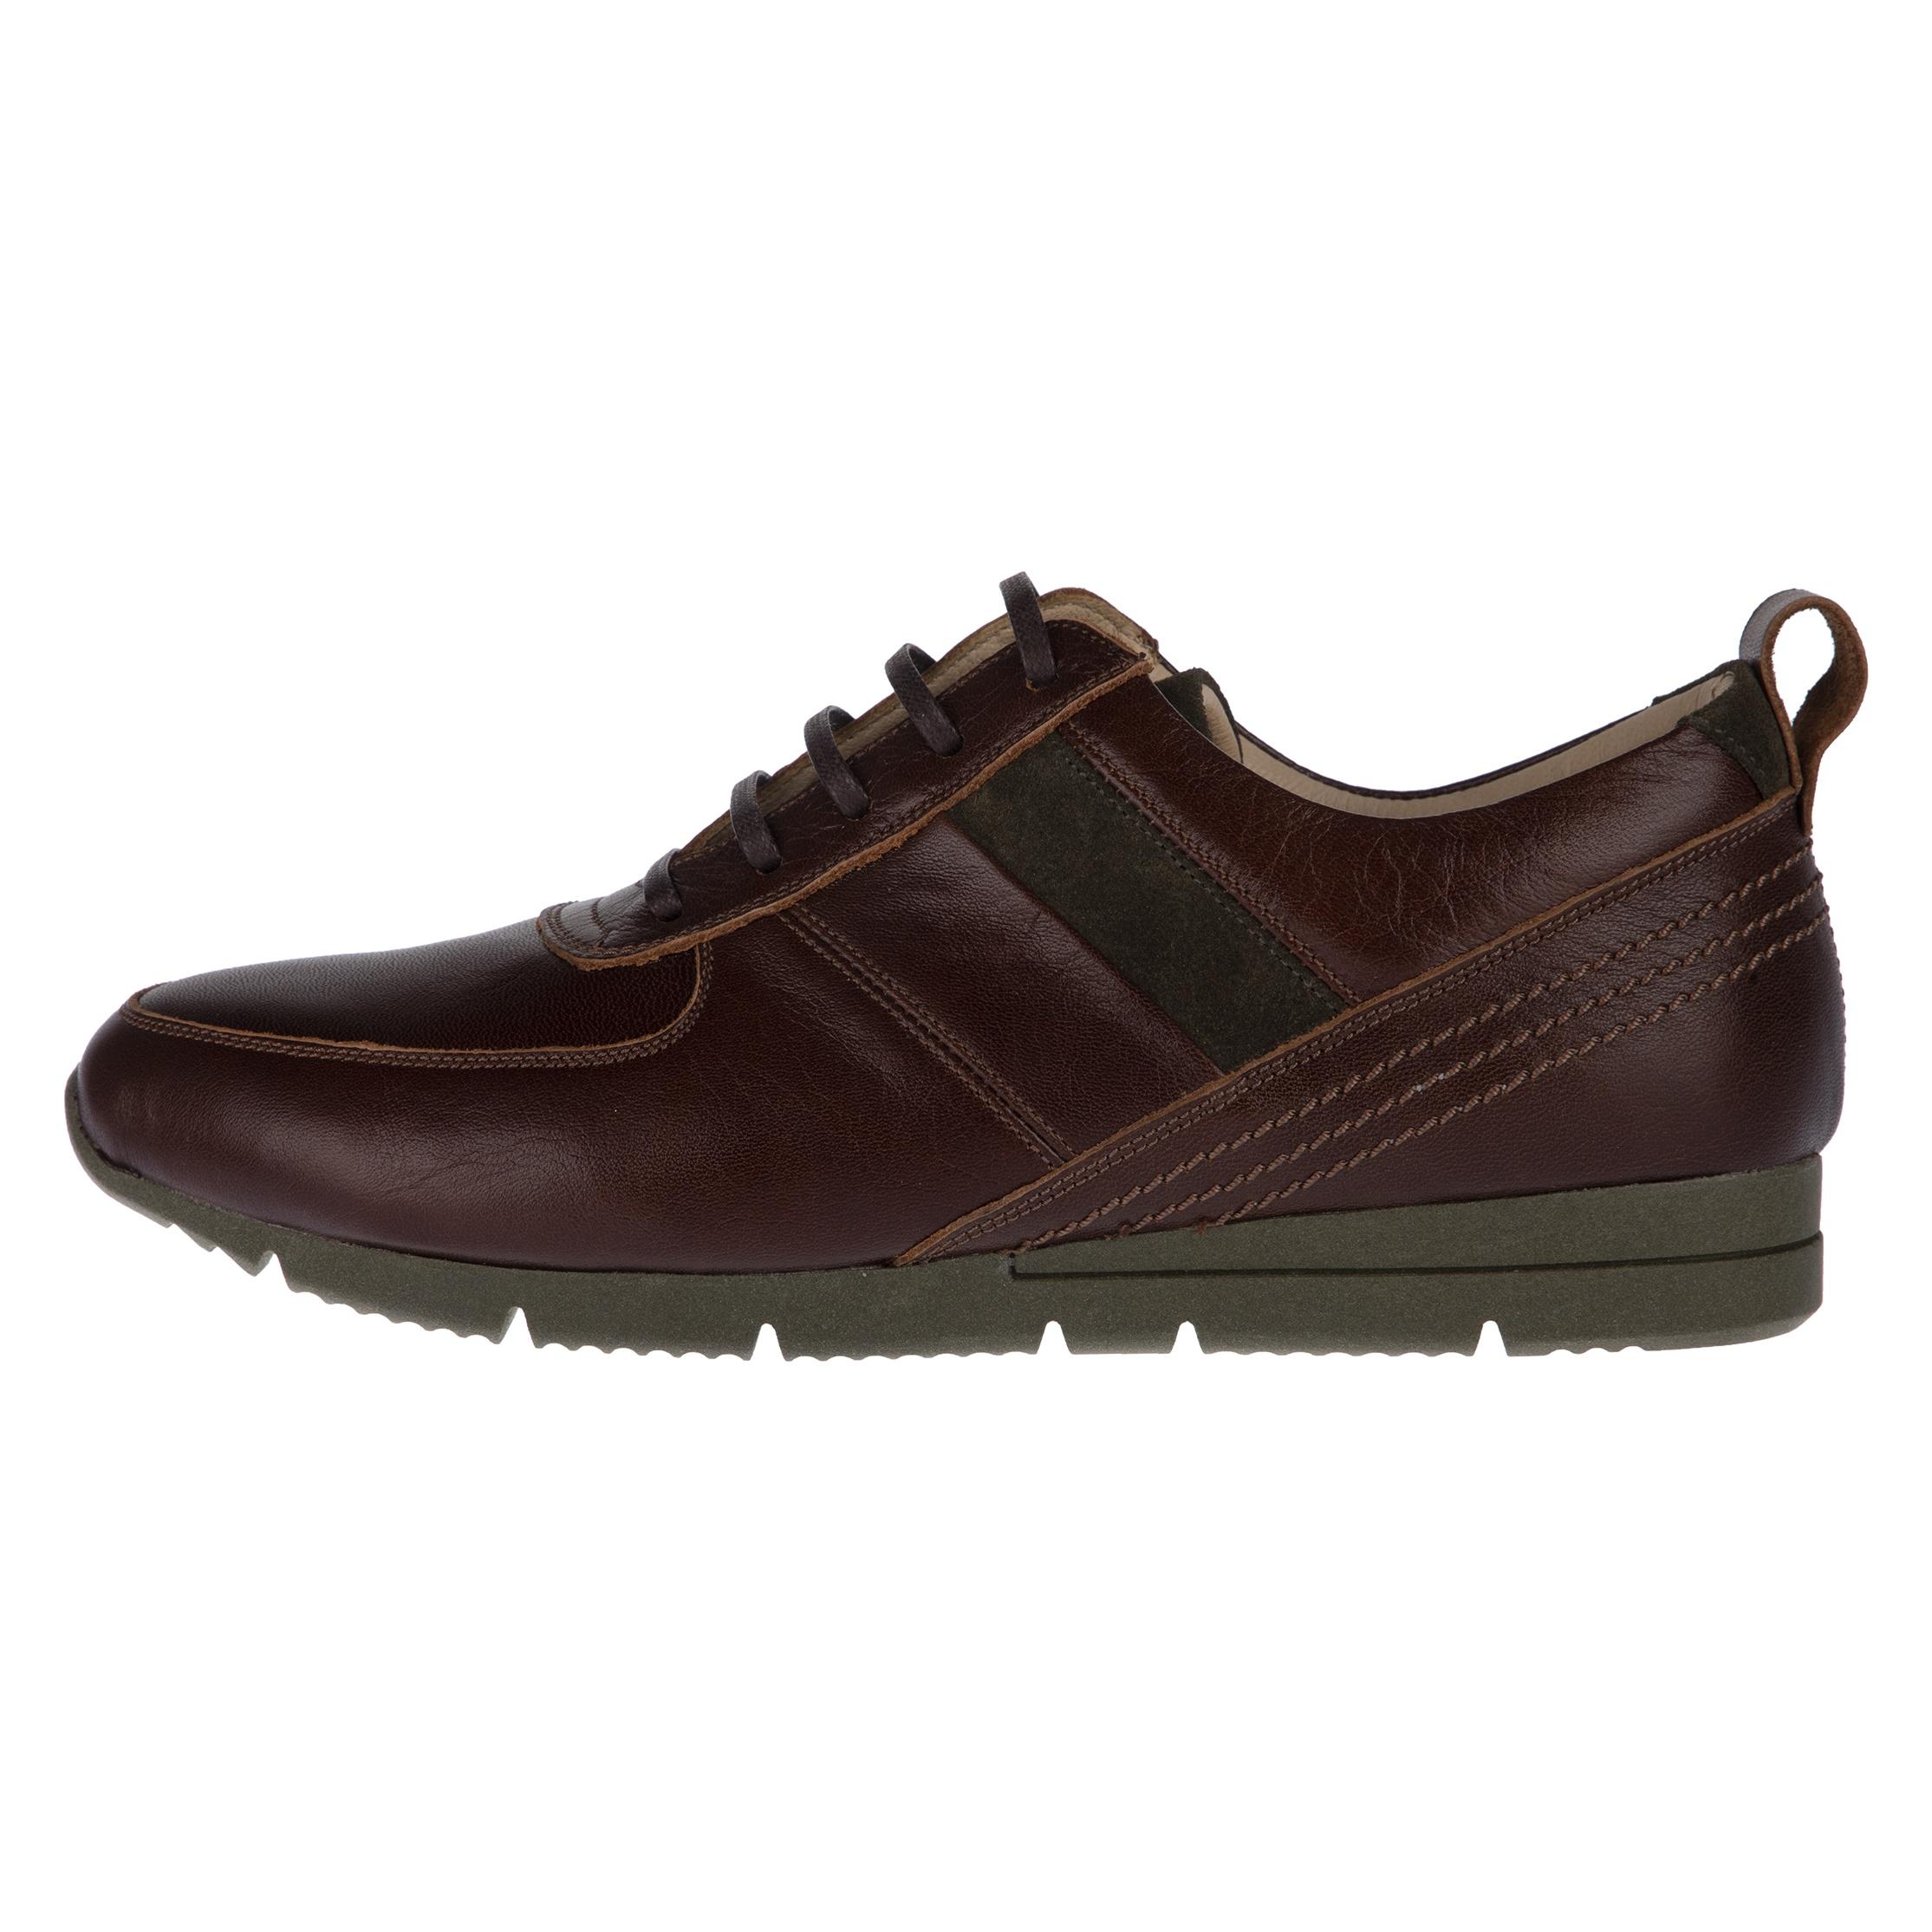 تصویر کفش روزمره زنانه برتونیکس مدل 320-22